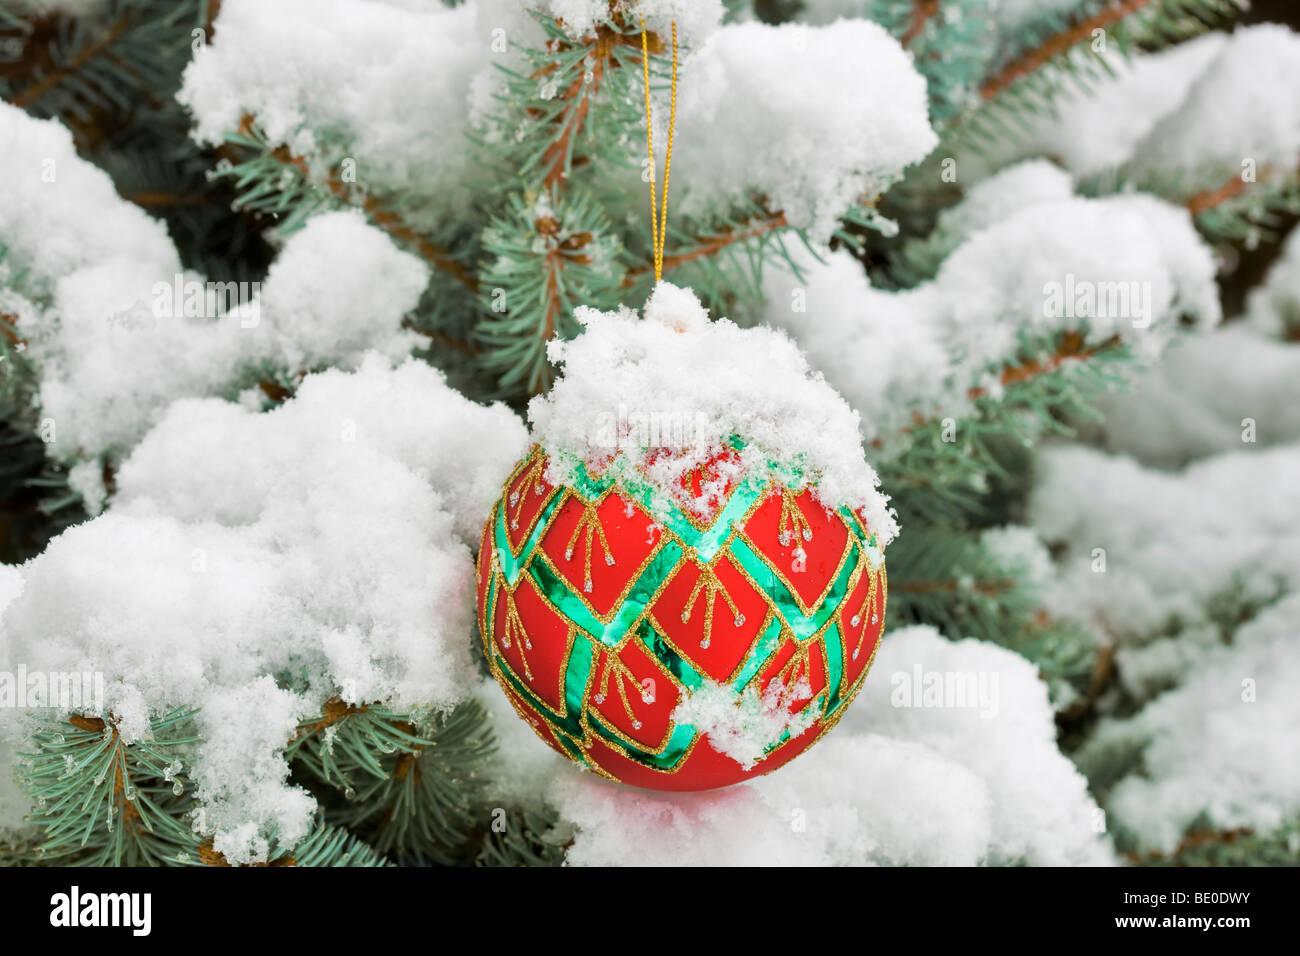 Albero di natale ornamento in coperta di neve bellezza Bush con bacche di colore viola. Immagini Stock